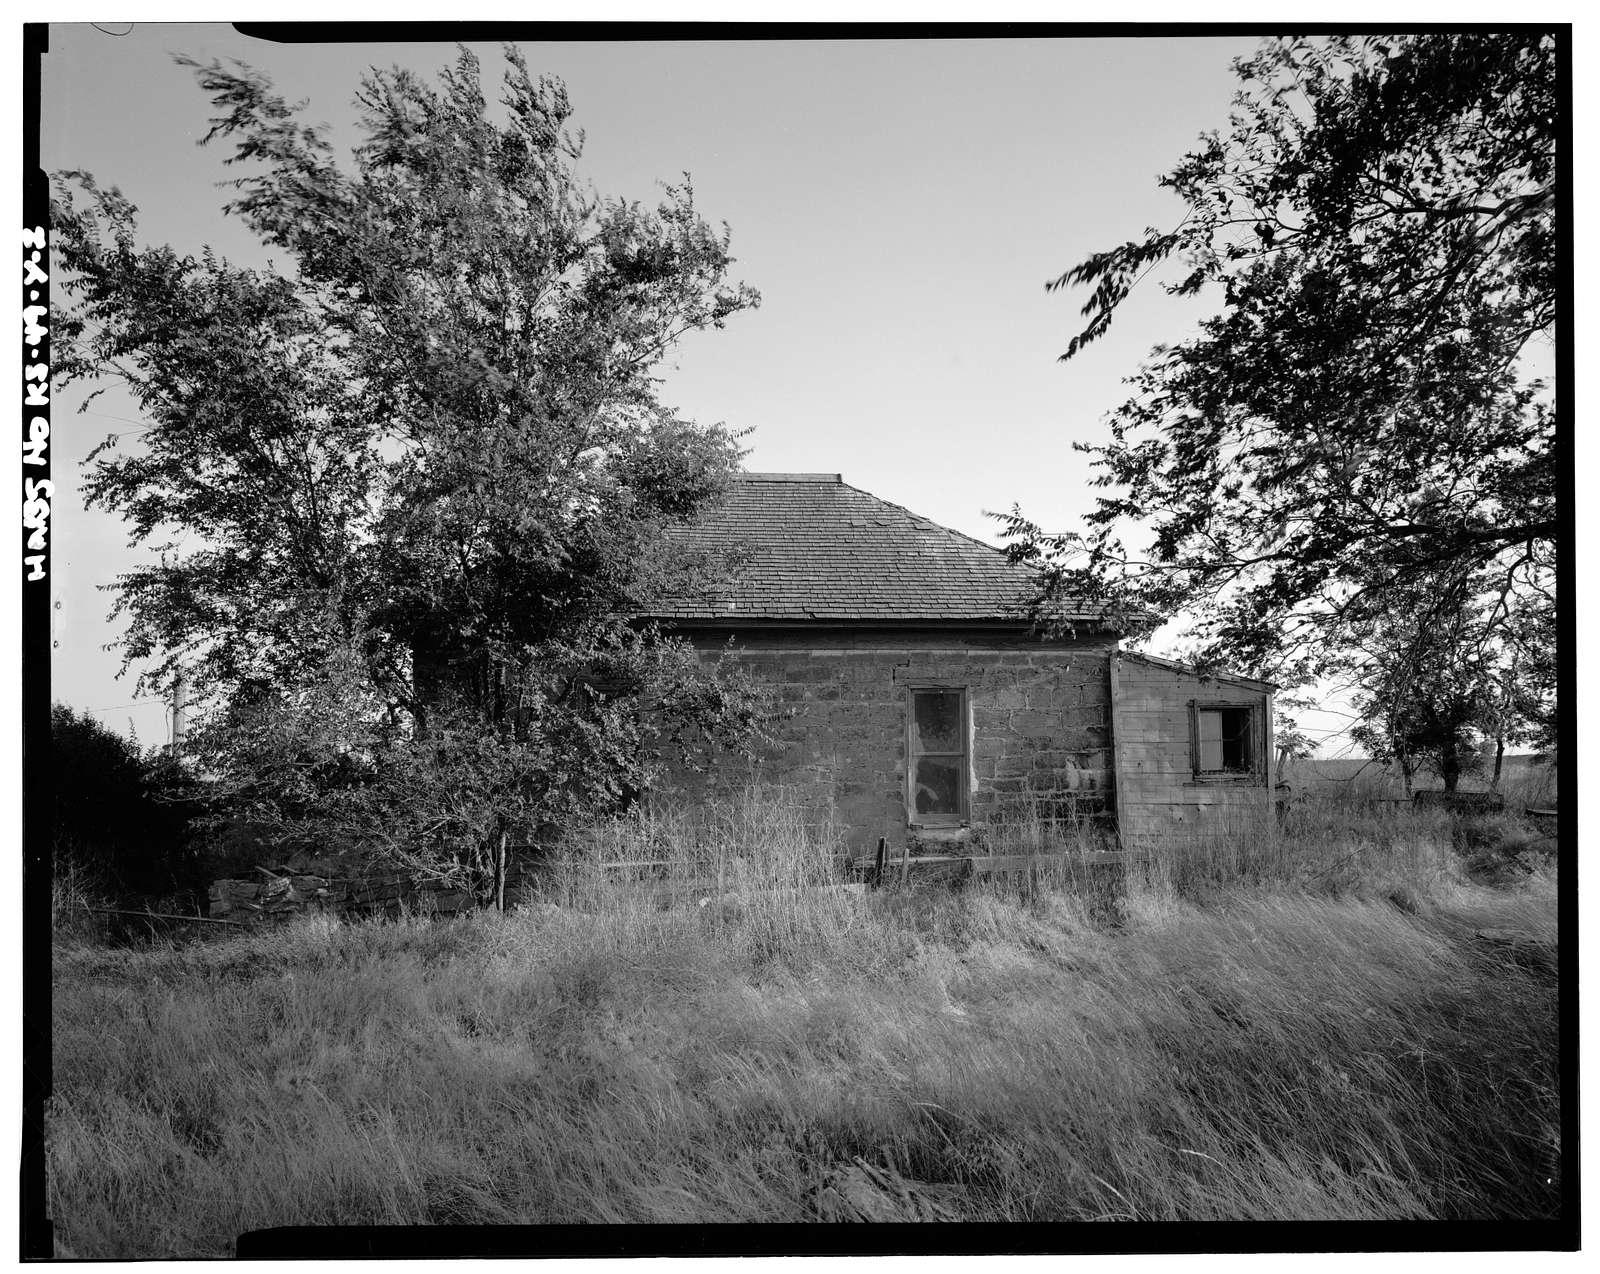 John Edwards House, Nicodemus, Graham County, KS